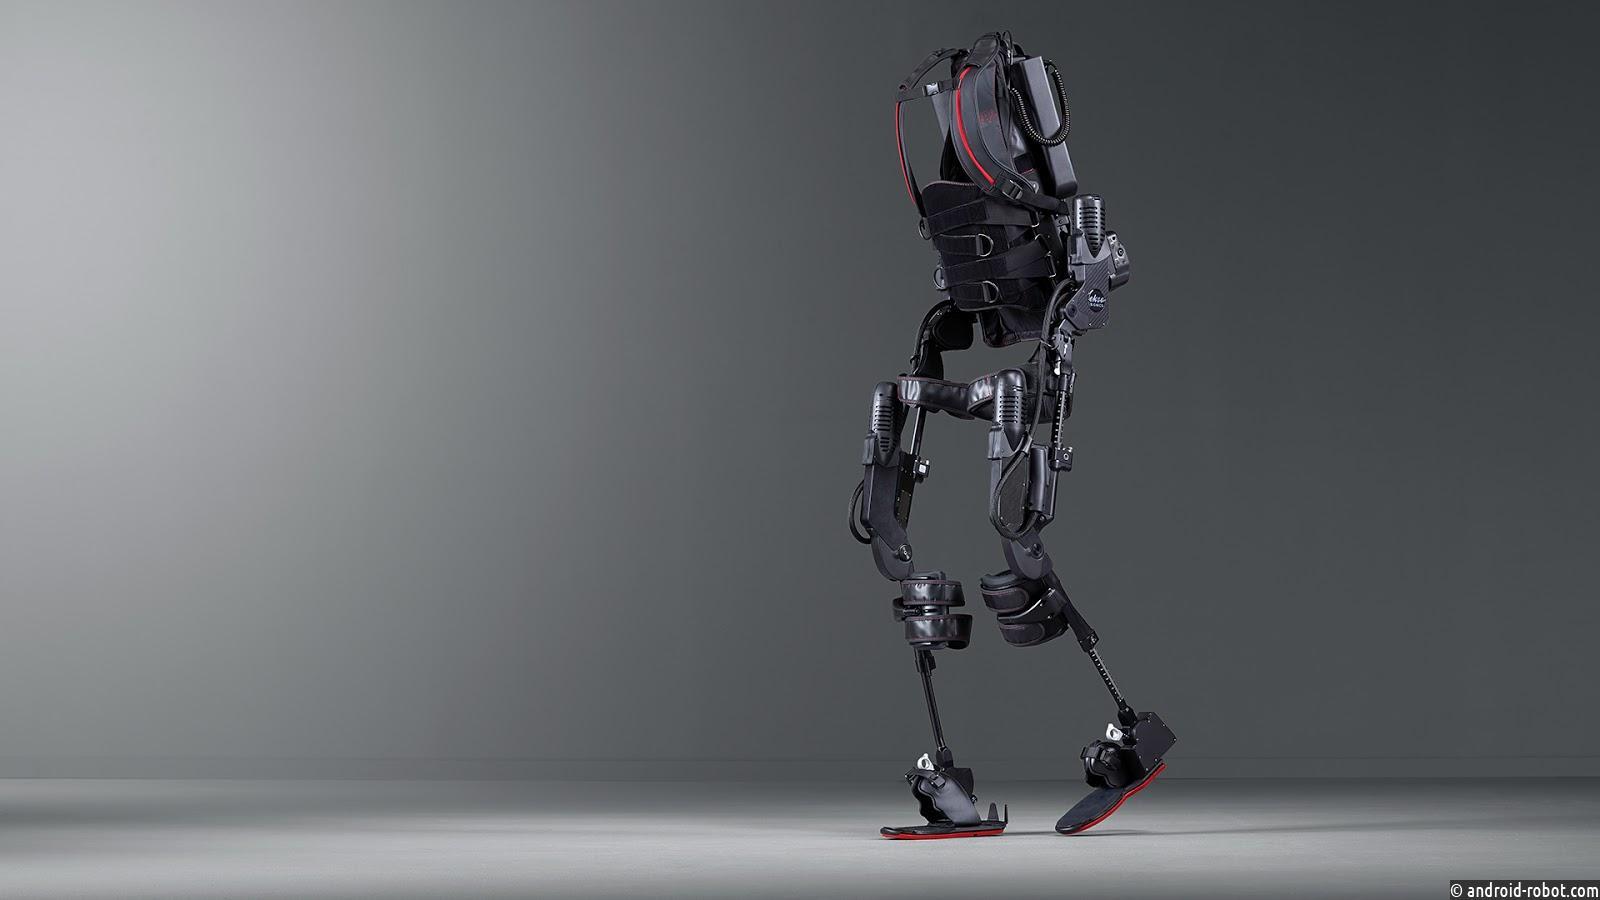 Робот-экзоскелет Cray + будет помогать команде спасателей